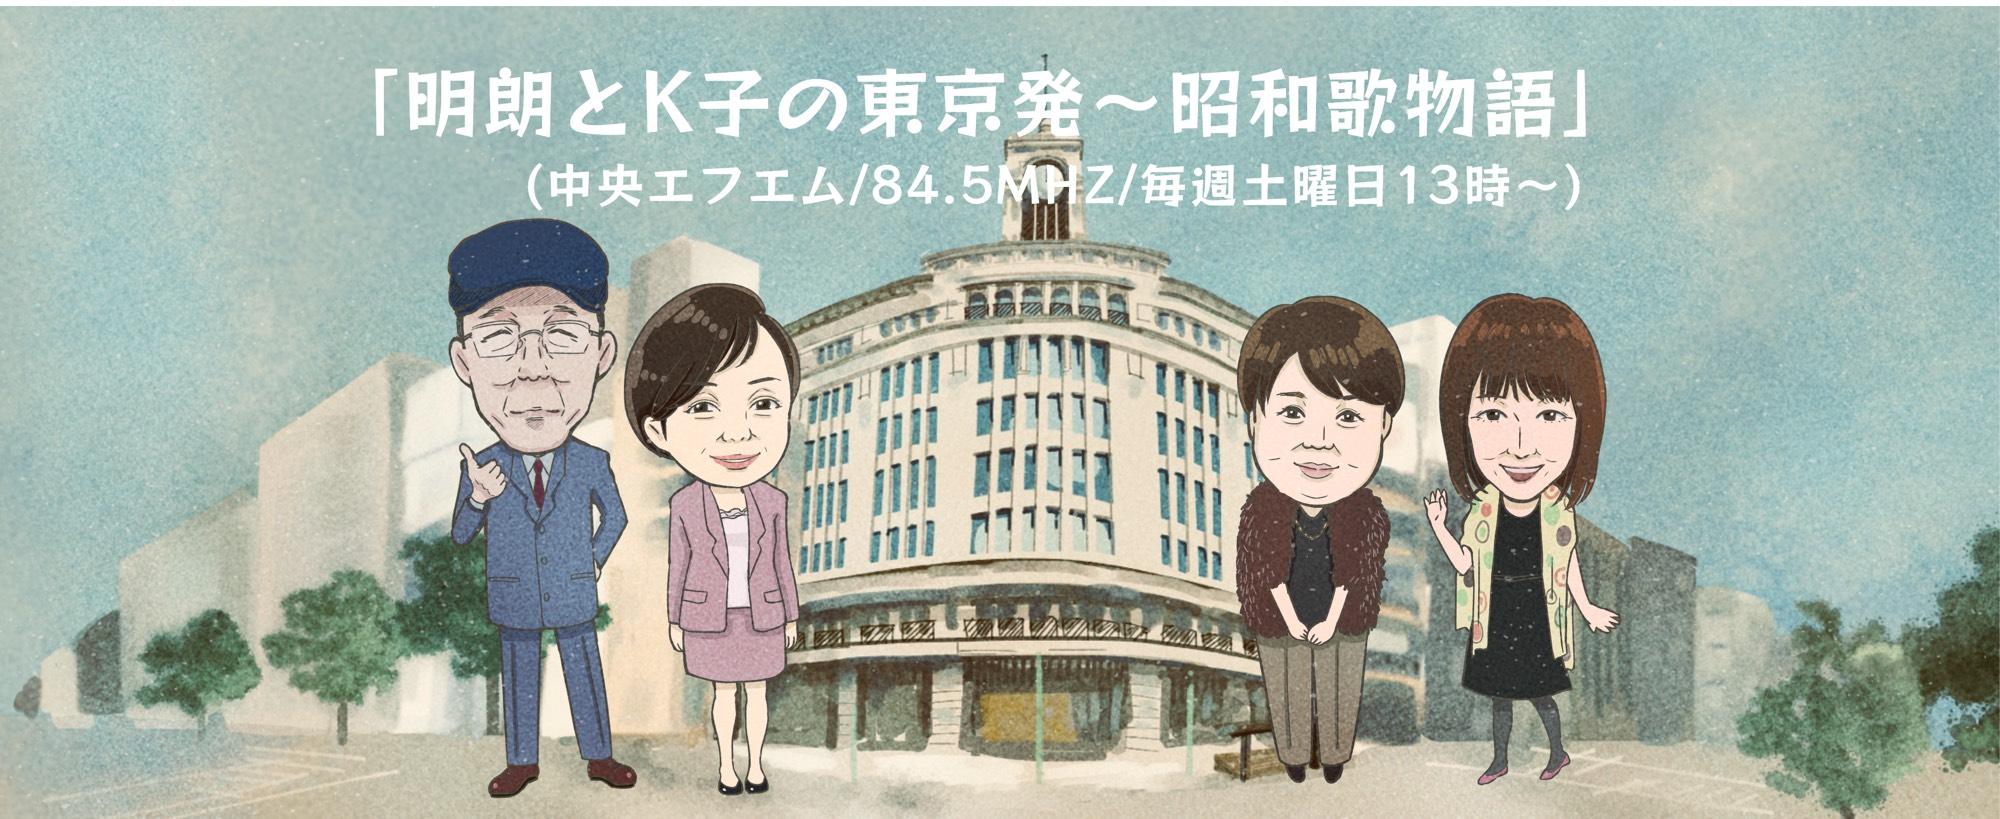 コトバリスタ株式会社 中央エフエム「明朗とK子の東京発 ...